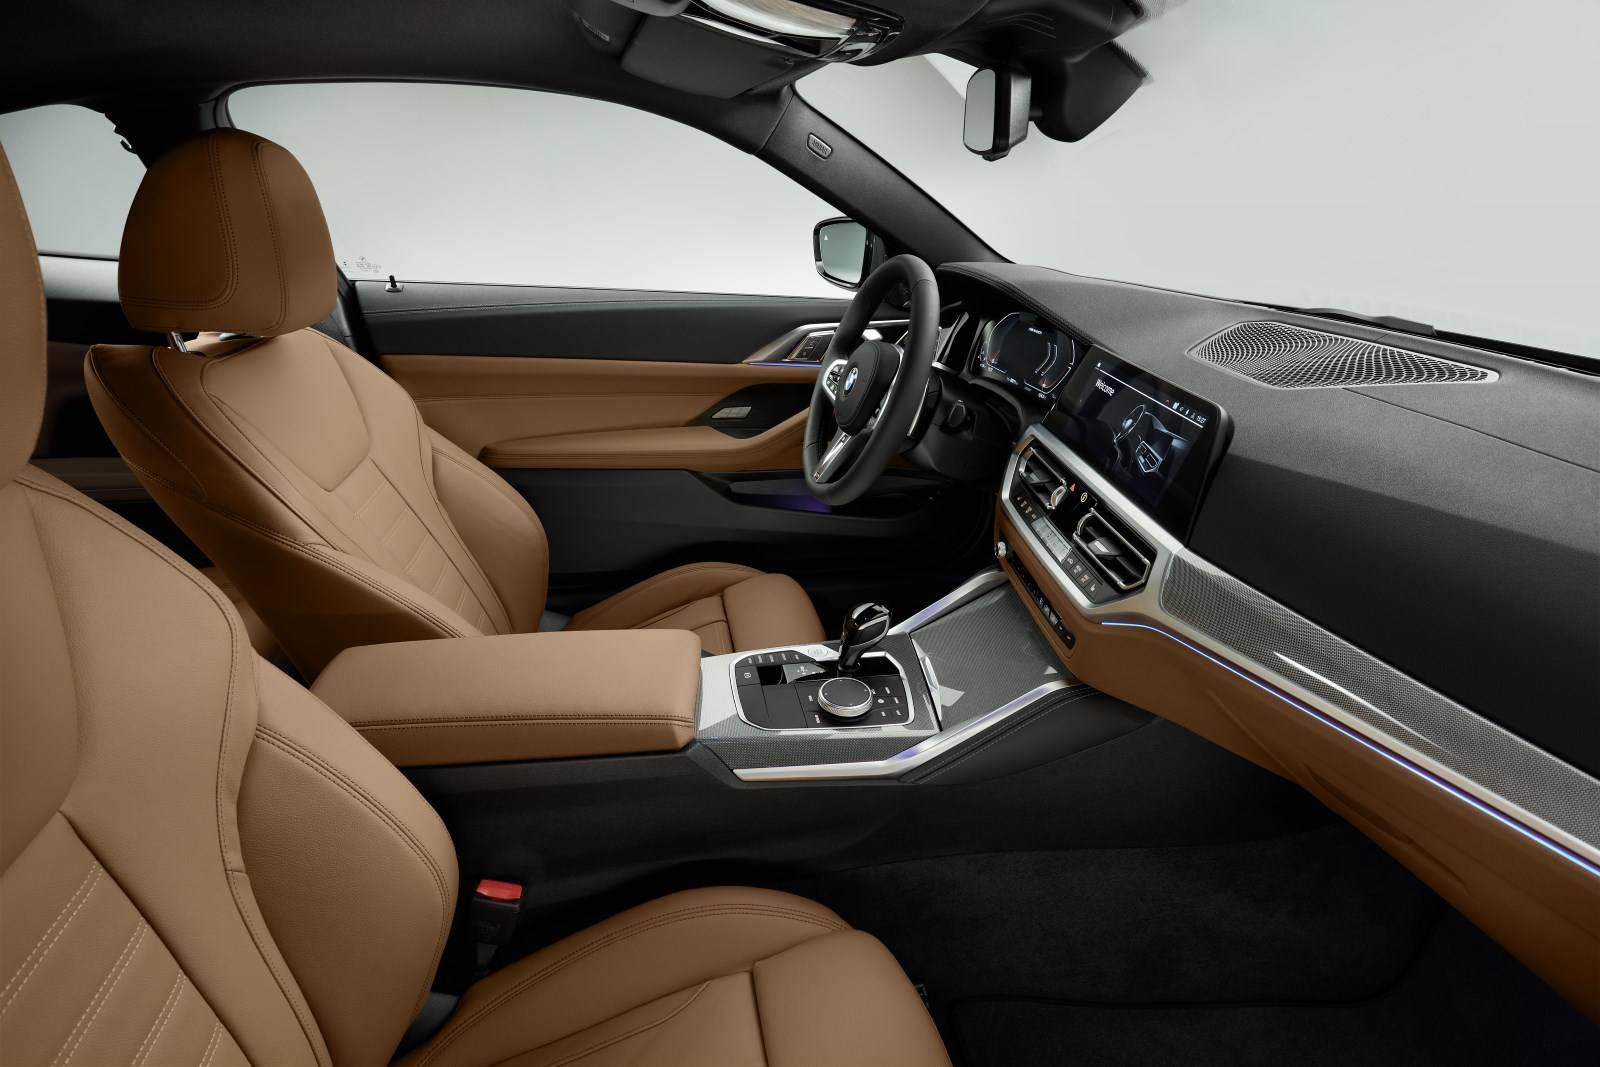 BMW 4 Series Coupe G22 - кардинально новый дизайн 9